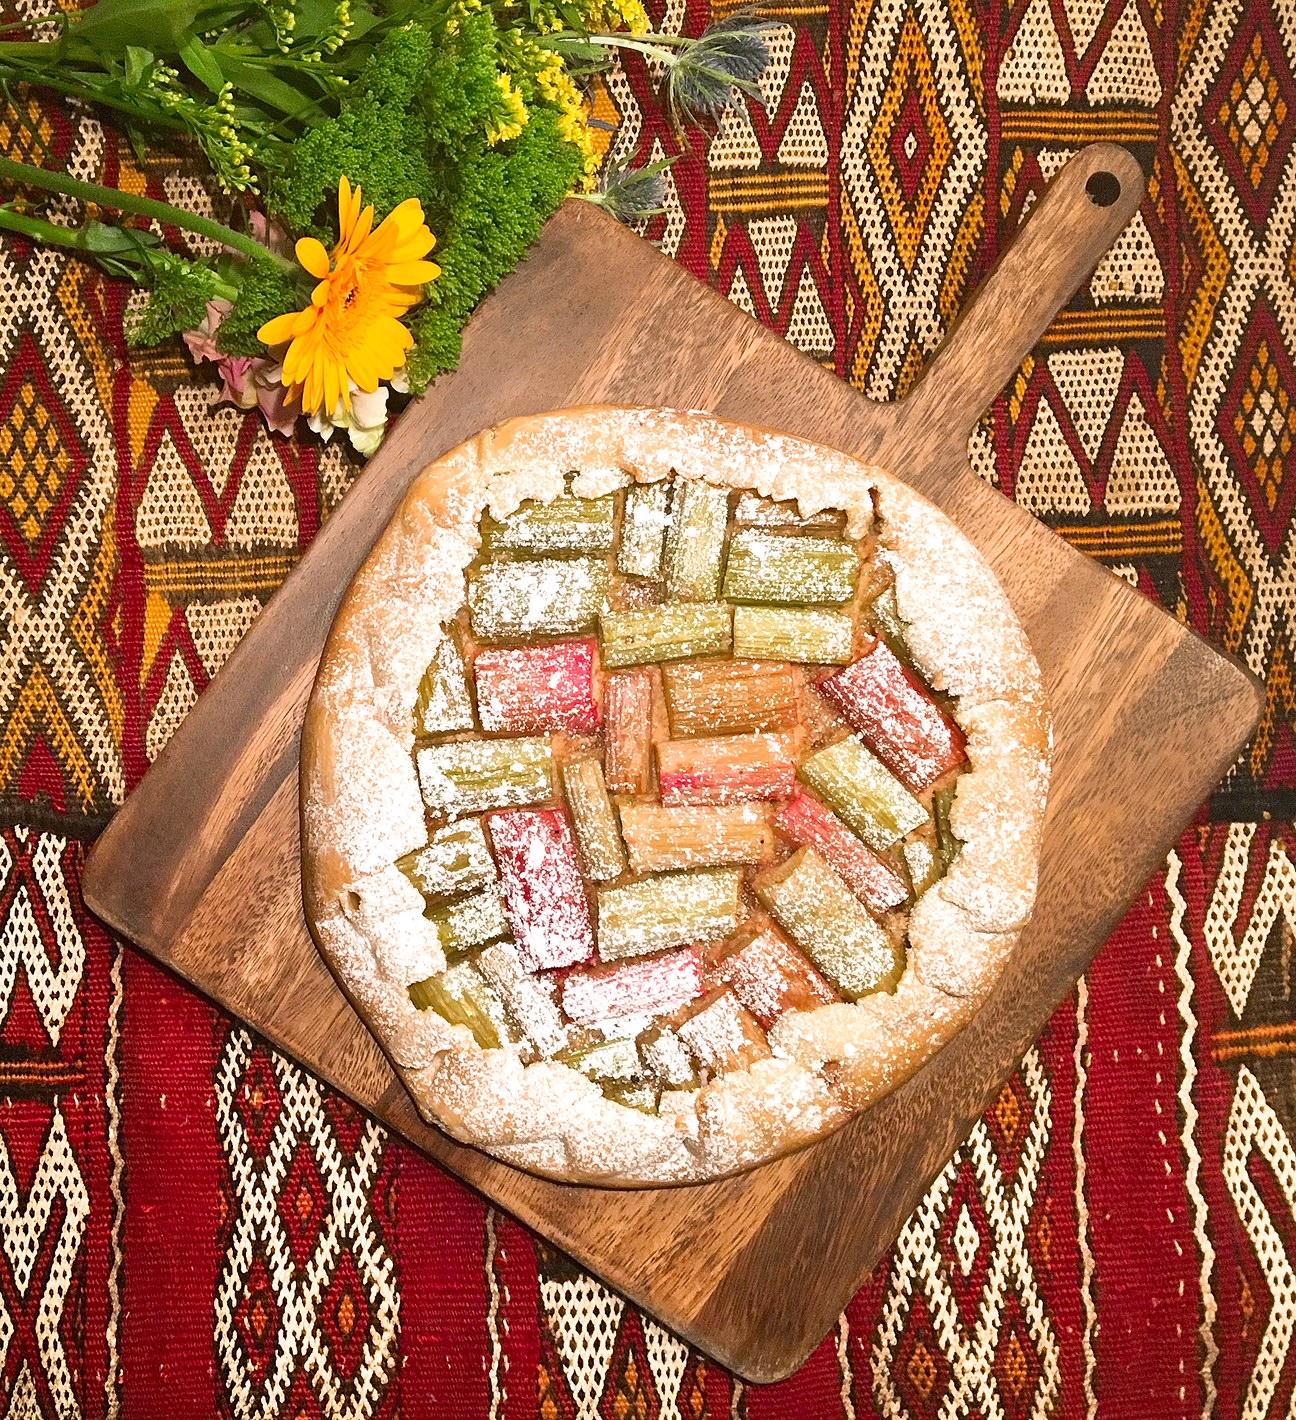 Croustade de rhubarbe aux amandes et au gingembre